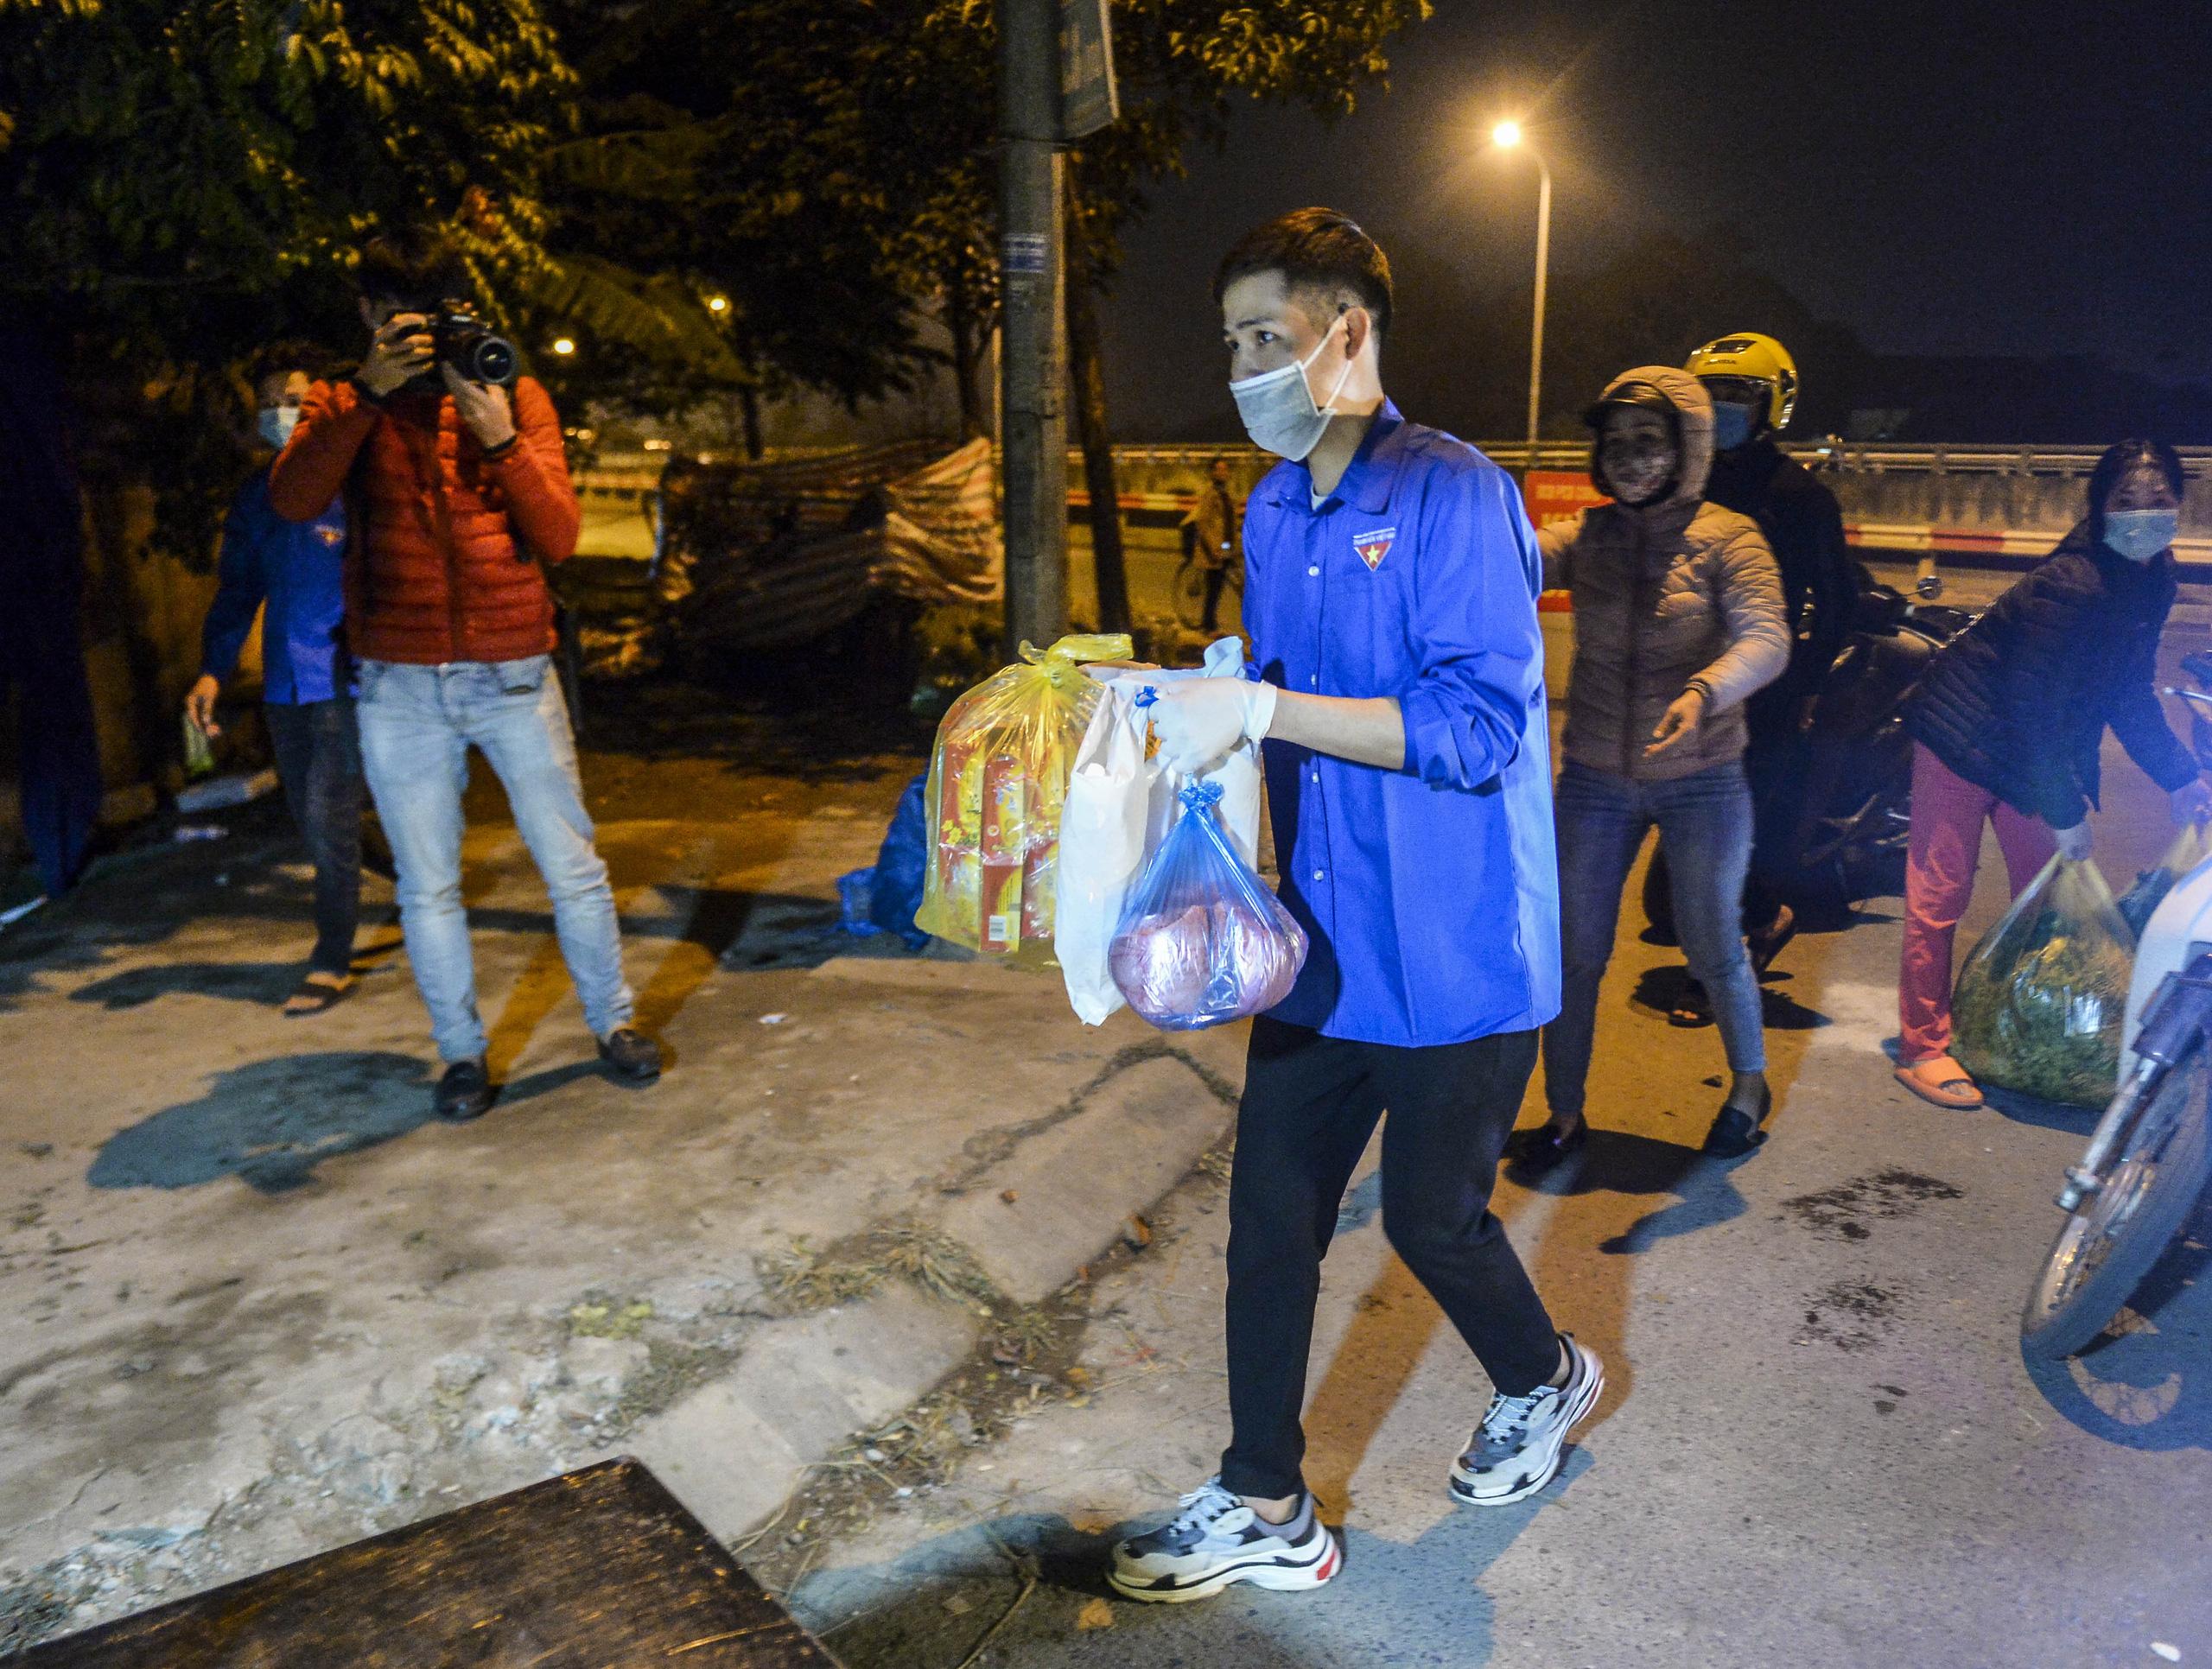 [Ảnh] Xe tuyên truyền phòng, chống COVID-19 ngày đêm đi quanh thôn có người dương tính SARS-CoV-2 ở Hà Nội - Ảnh 10.